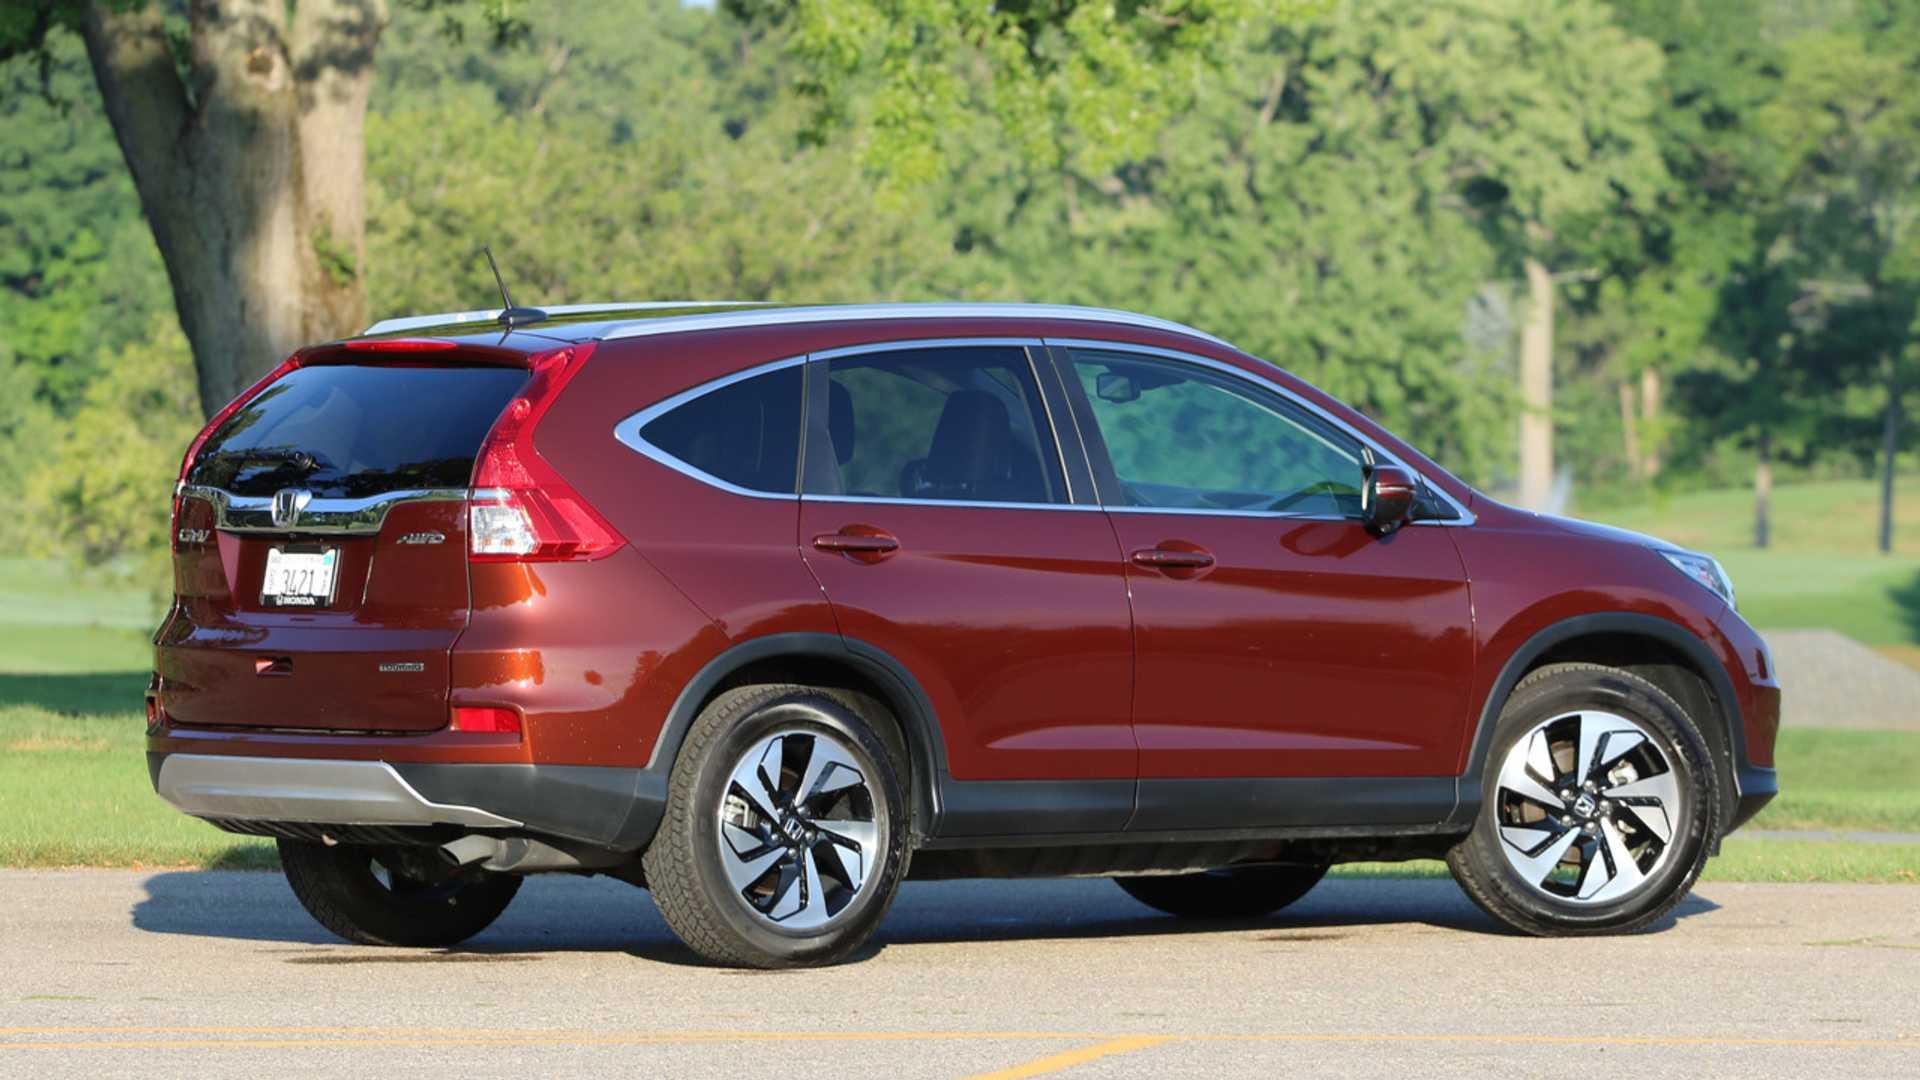 Nissan Rogue Towing Capacity >> Review: 2016 Honda CR-V